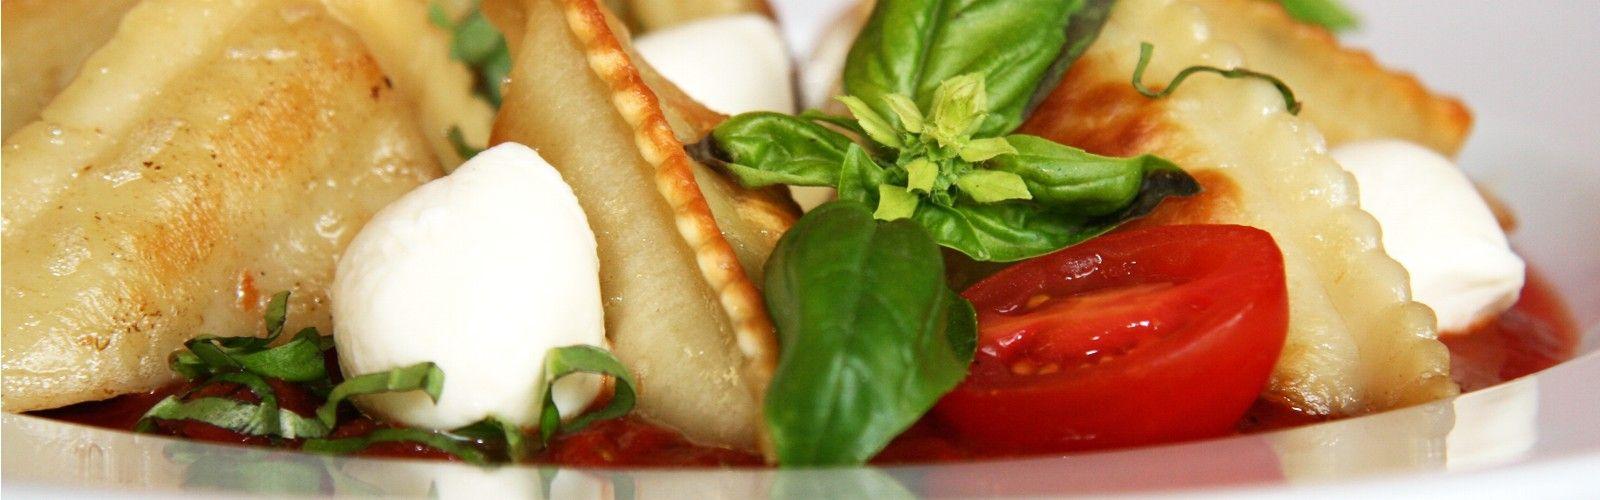 Alb-Gold Maultaschen gebraten mit Tomaten, Mozzarella und Basilikum